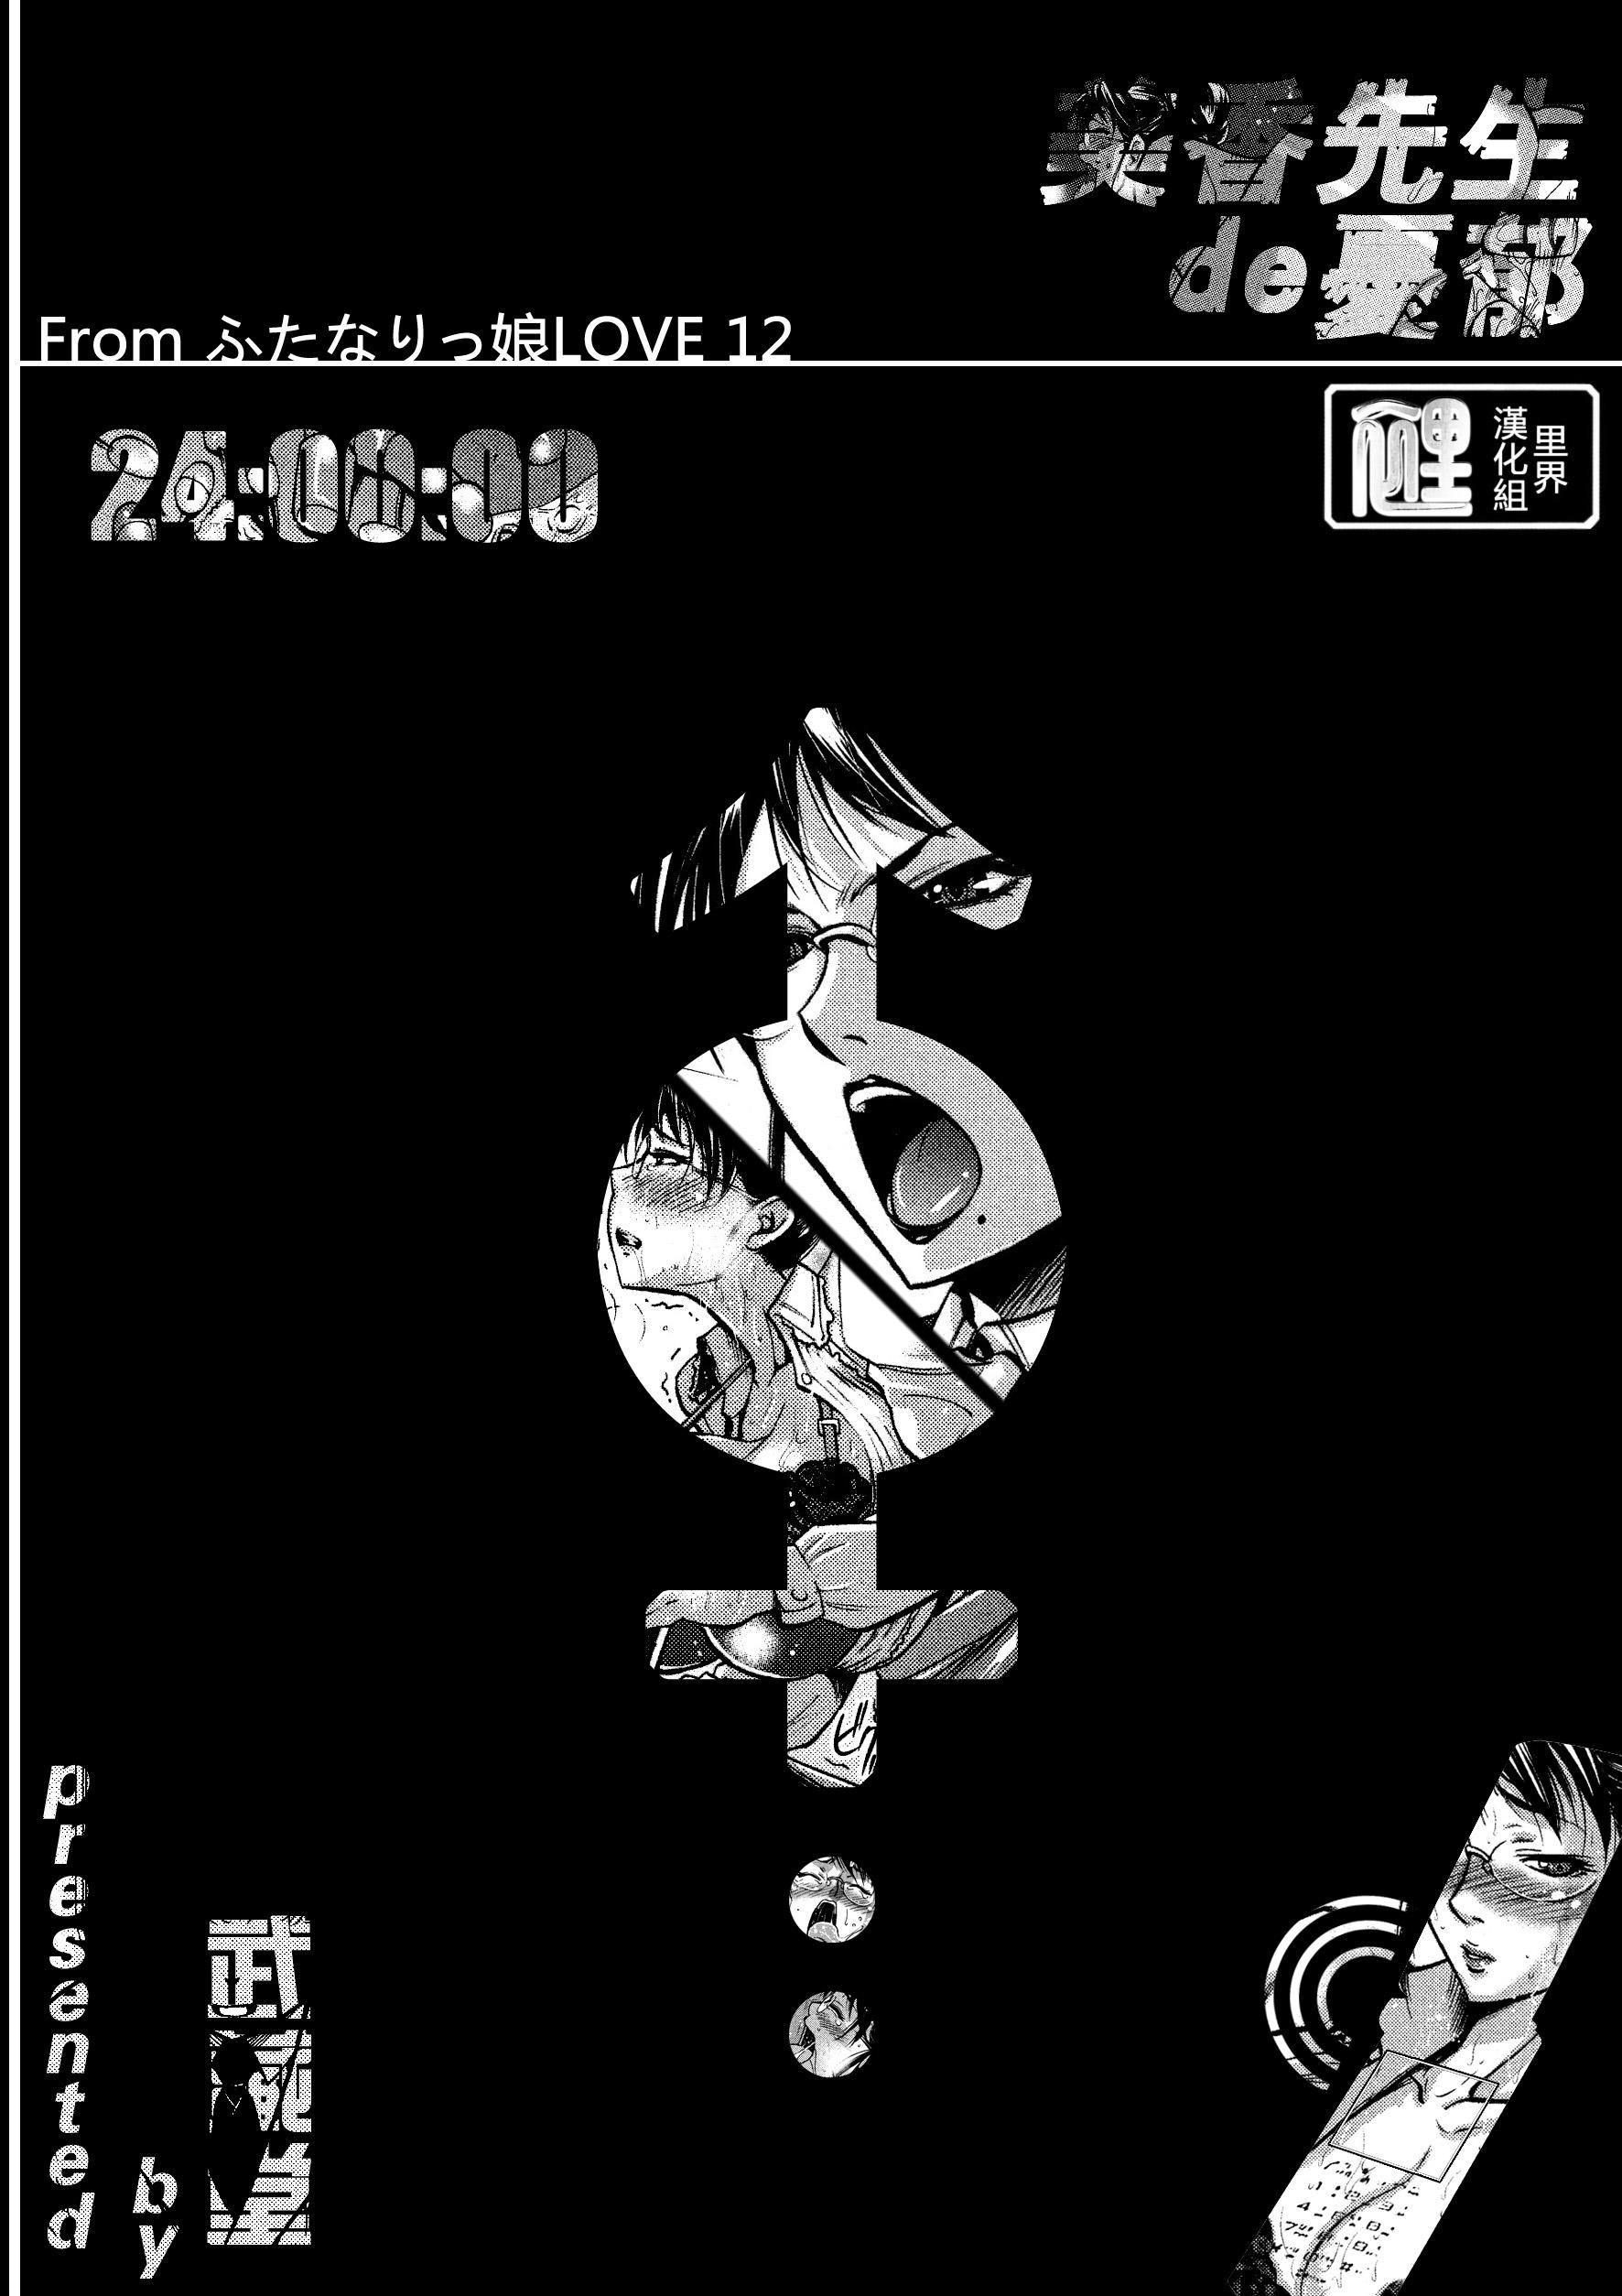 [ムサシノセカイ] 美香先生の憂鬱 - 情色卡漫 -